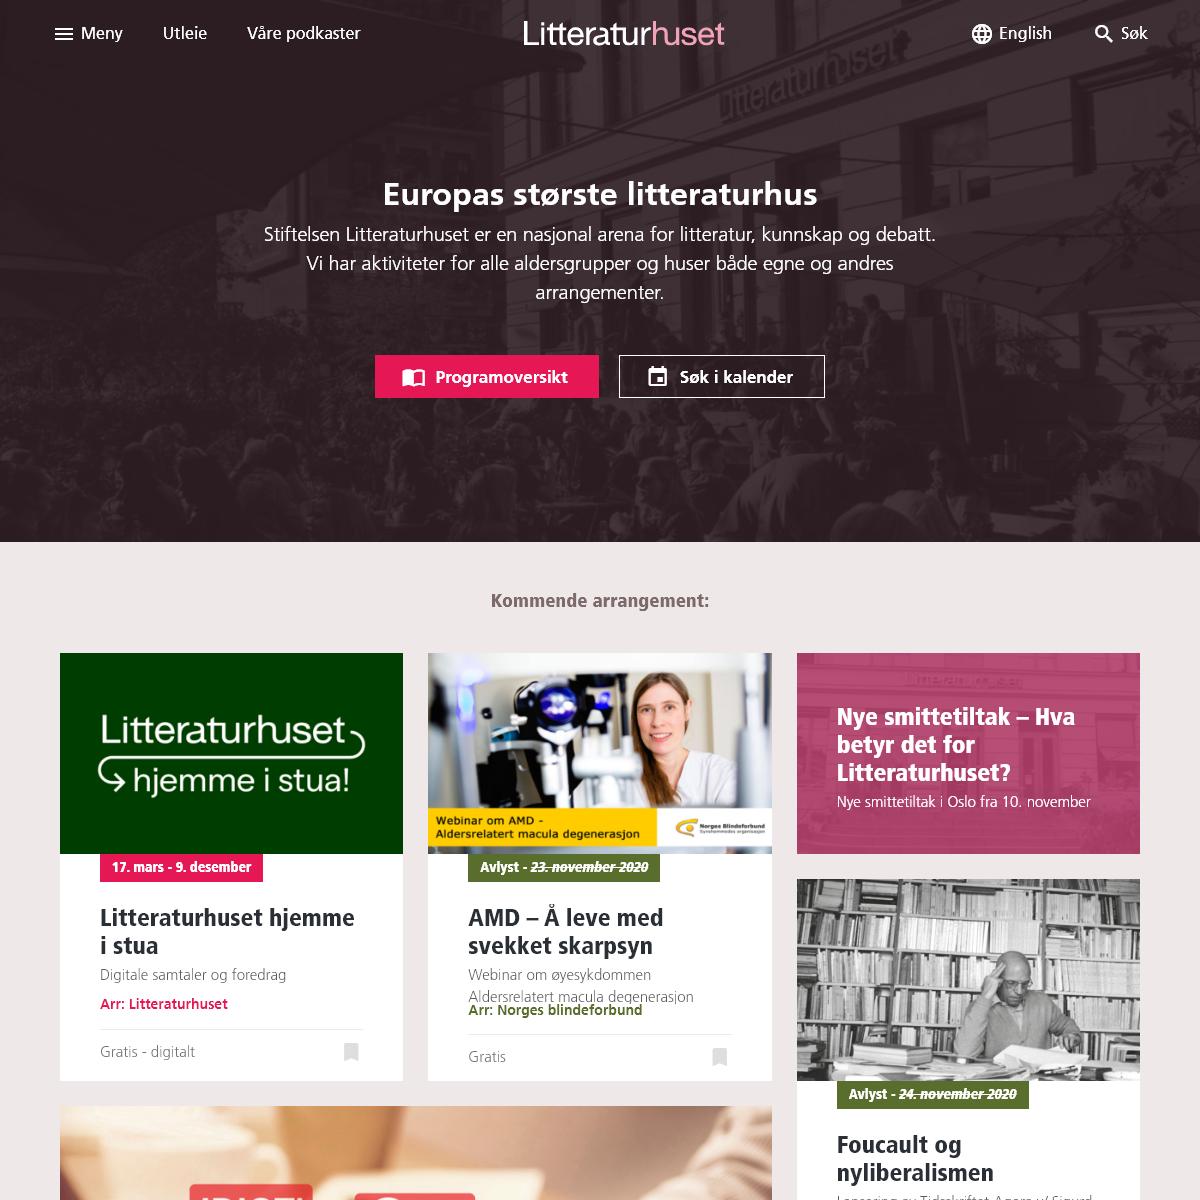 Litteraturhuset – Stiftelsen Litteraturhuset er en nasjonal arena for litteratur, kunnskap og debatt. Vi har aktiviteter for a